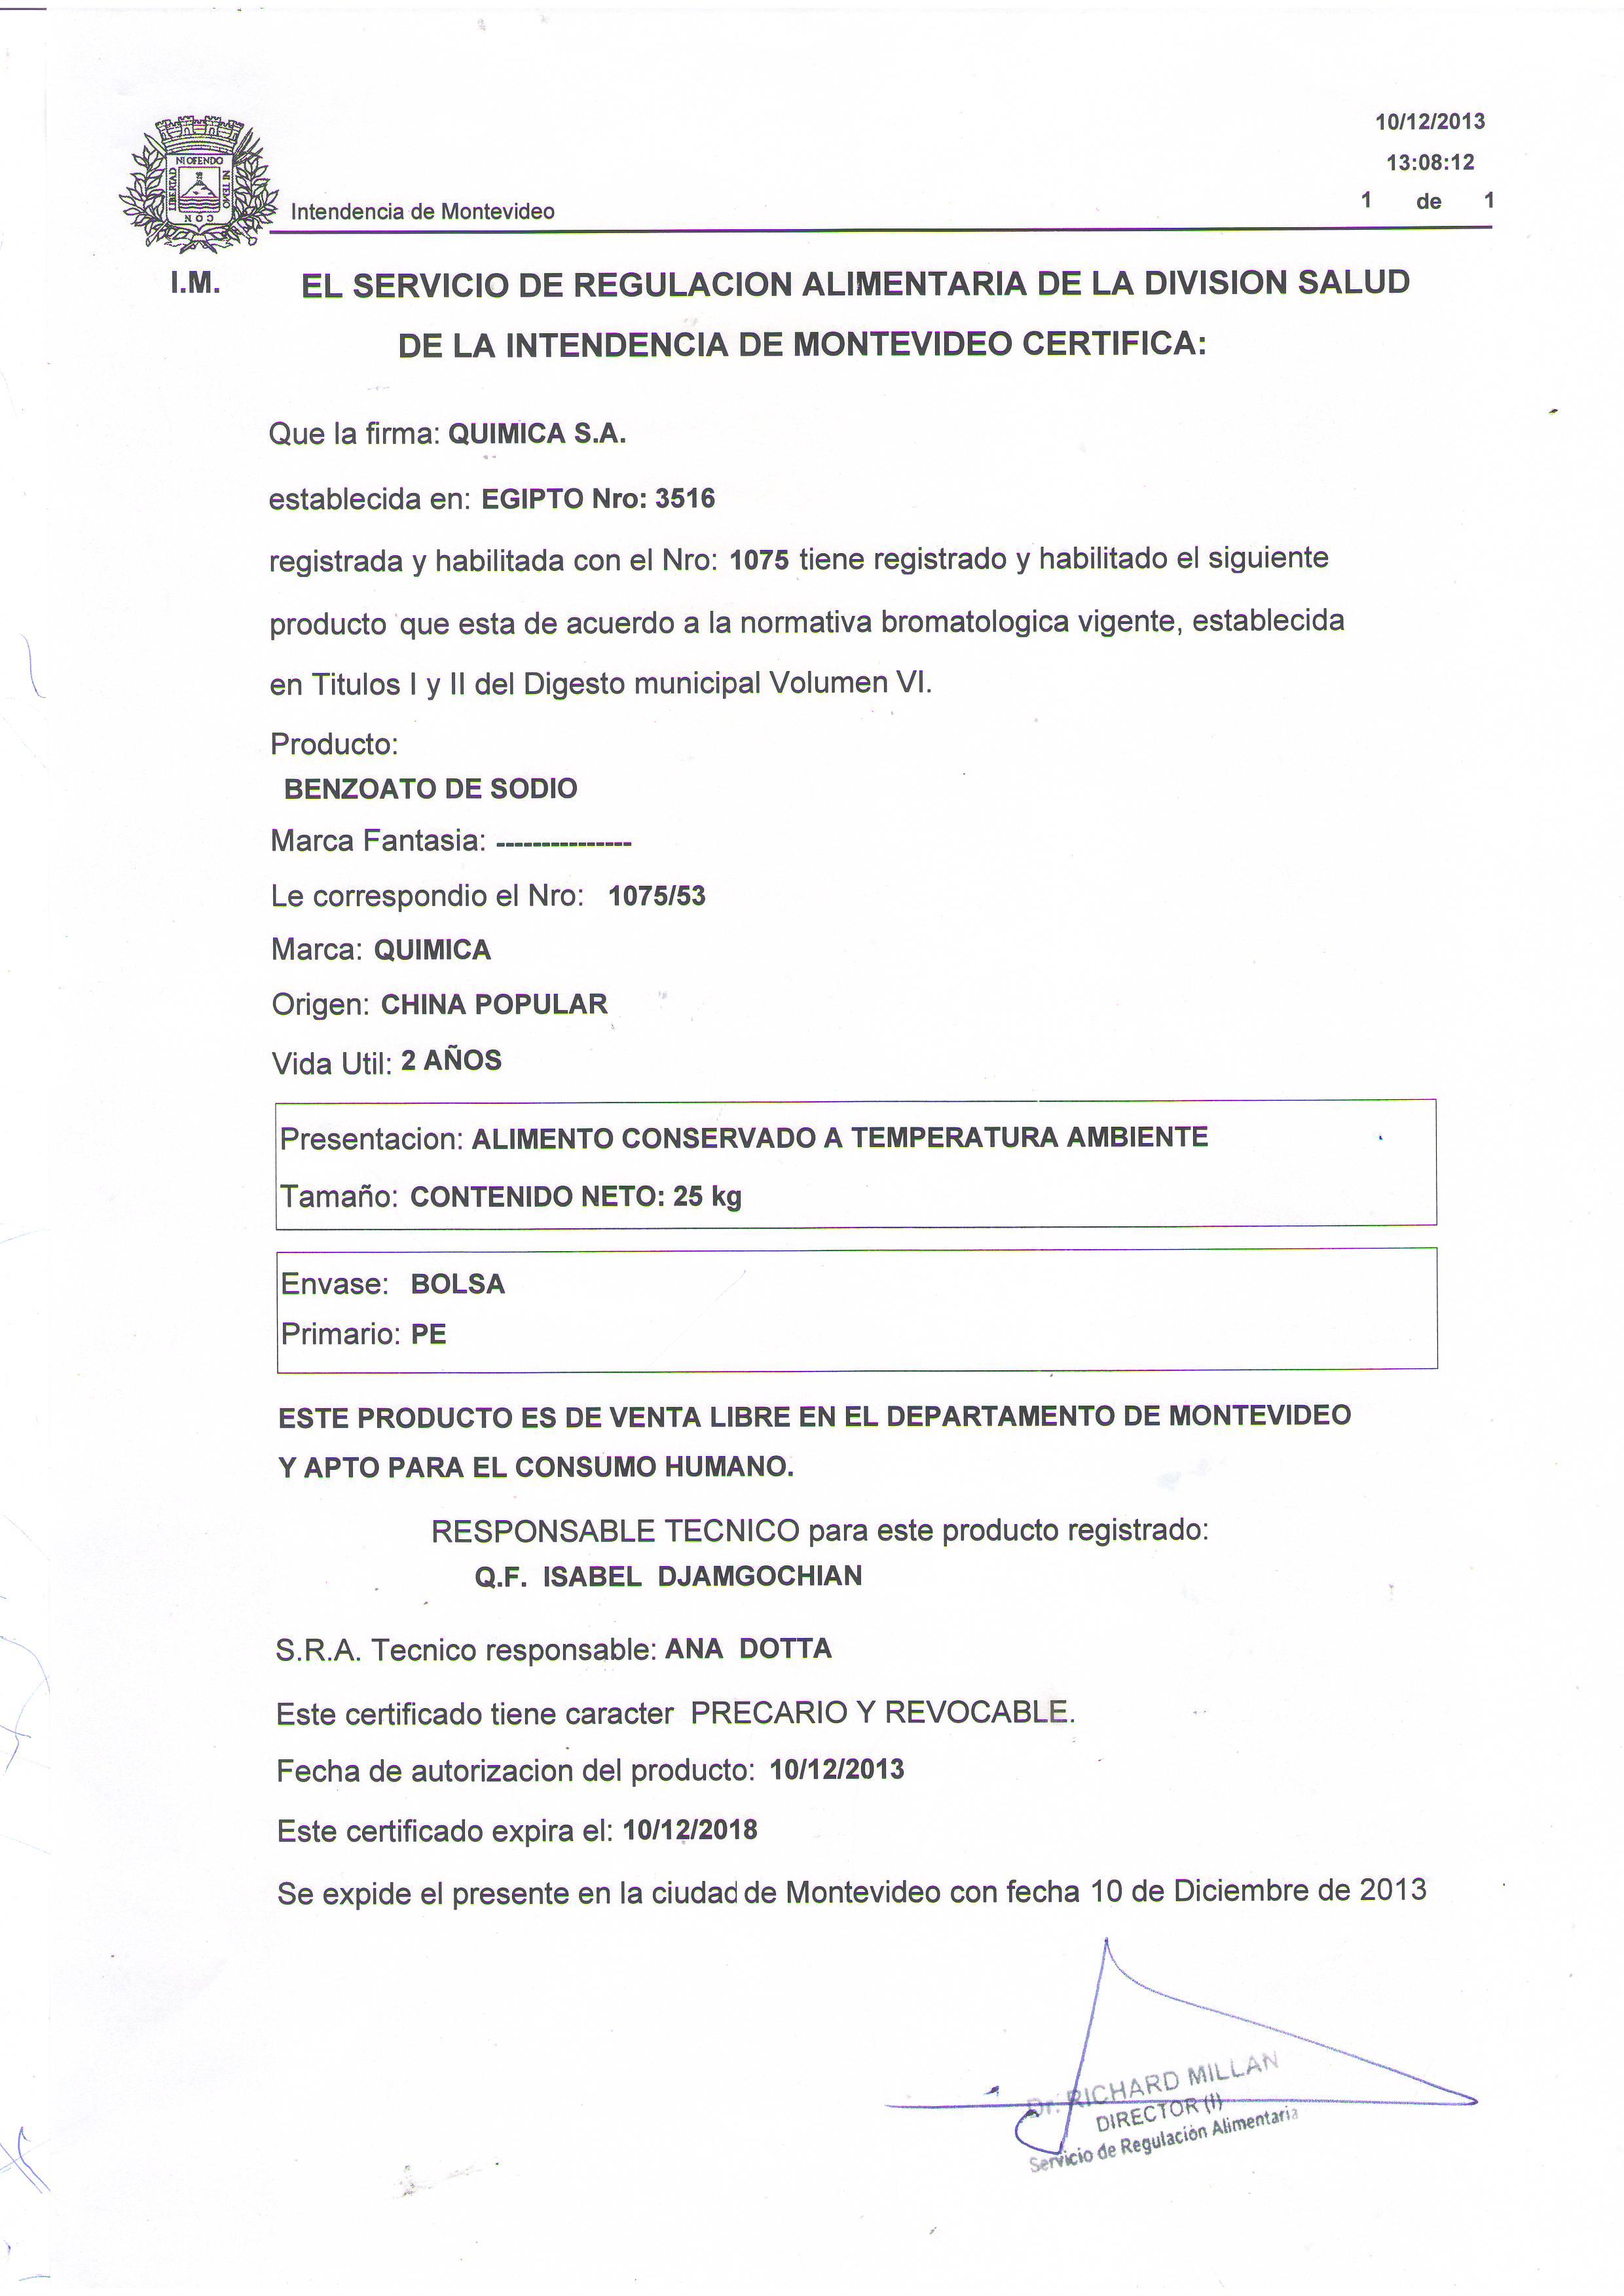 DIGESTO MUNICIPAL IMM PDF DOWNLOAD